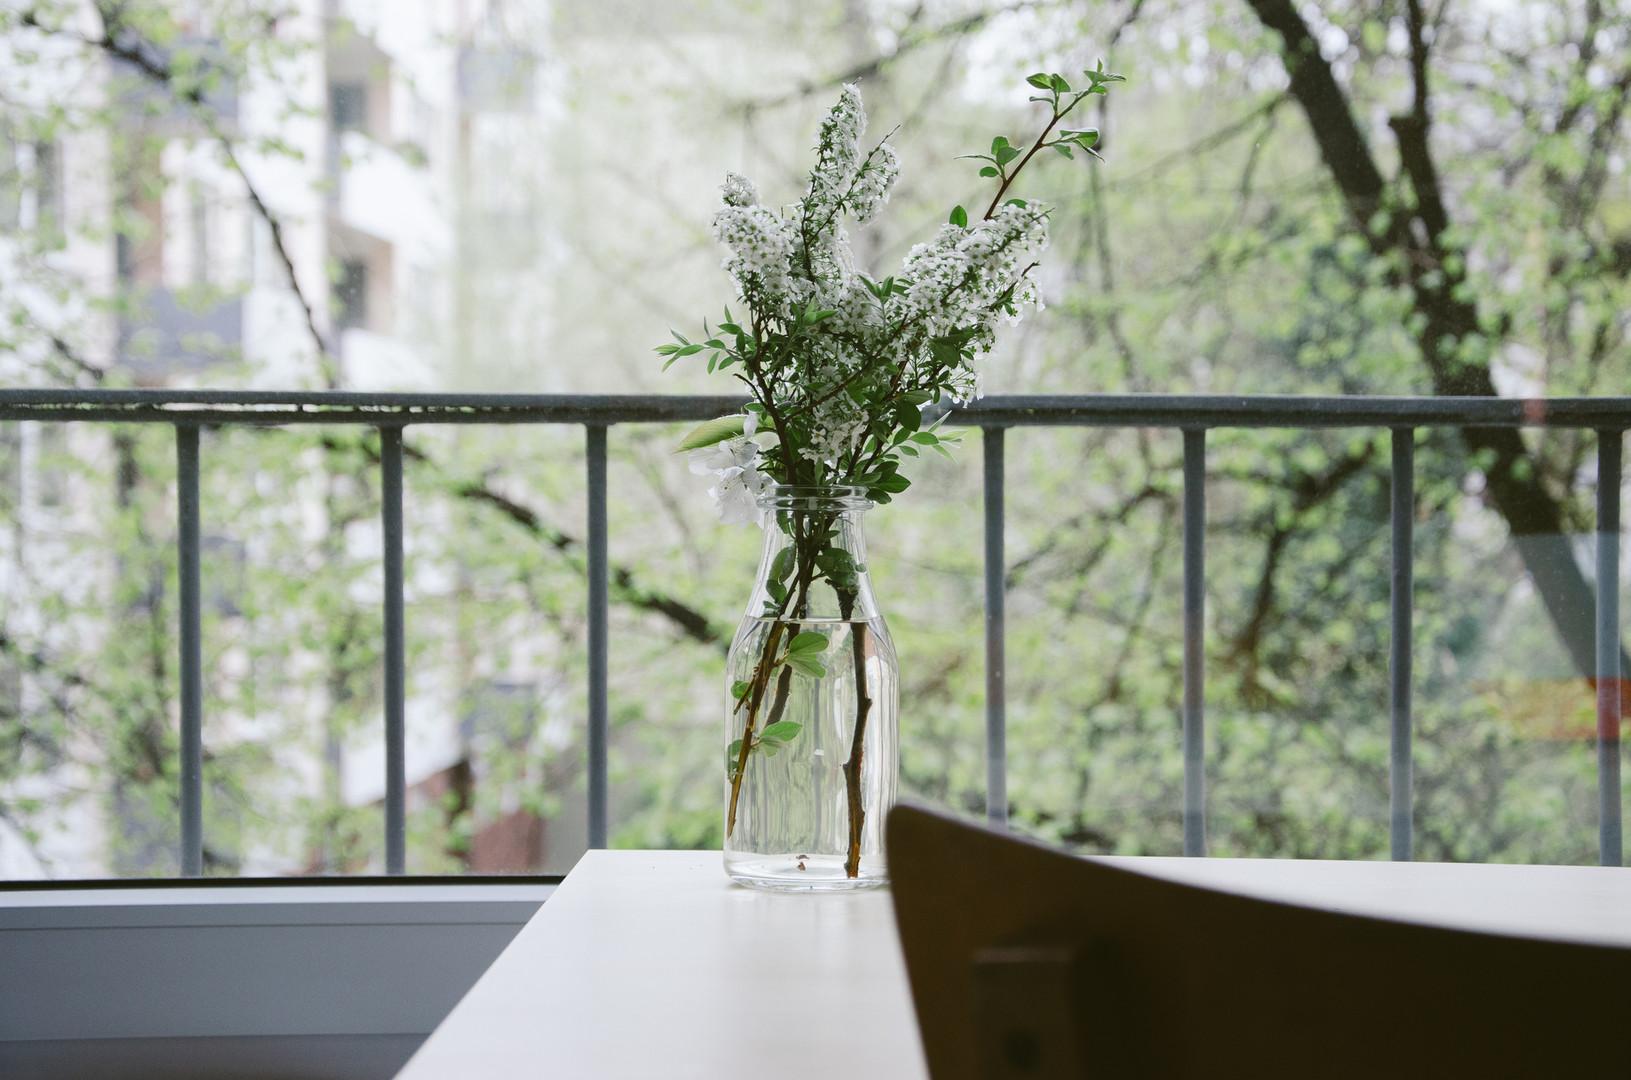 Flores en un balcón